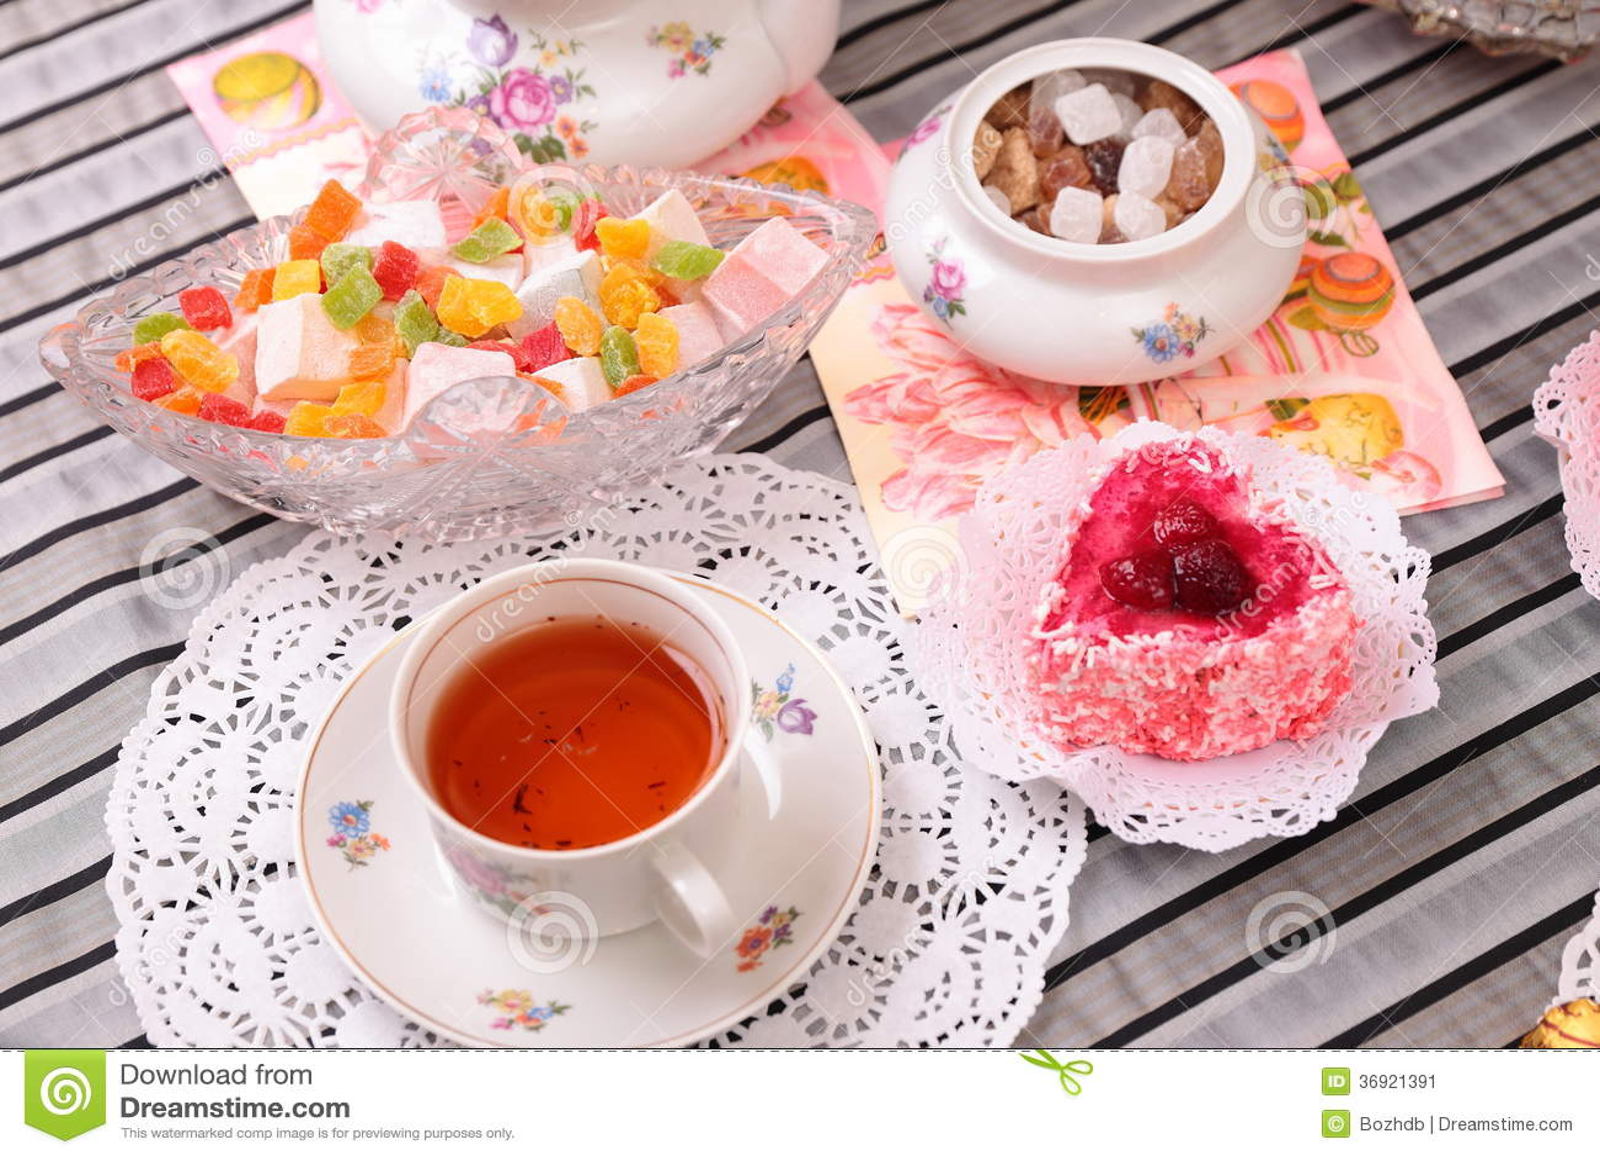 Ciepła filiżanka herbata i cukierki